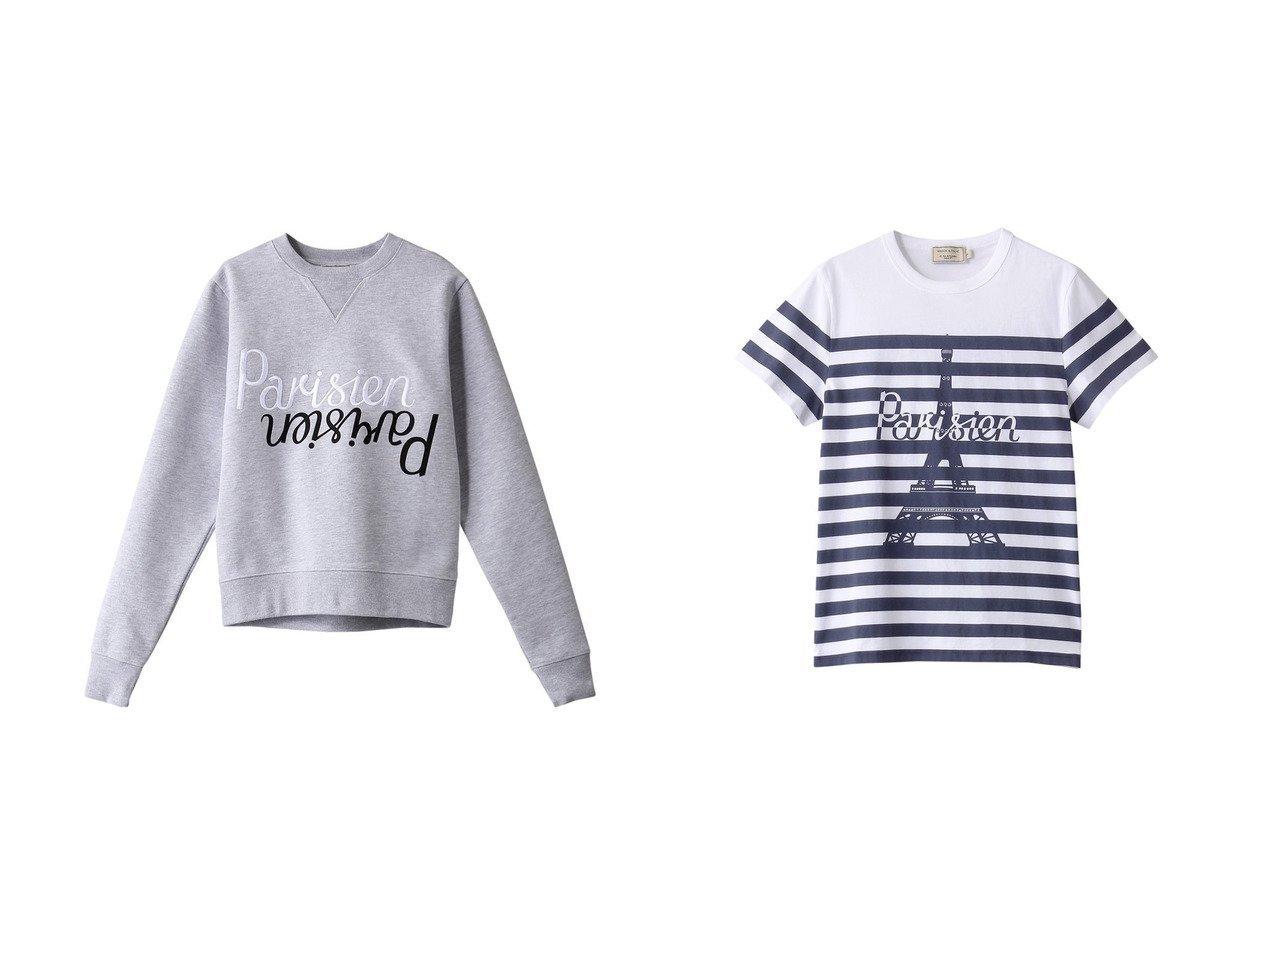 【MAISON KITSUNE/メゾン キツネ】のスウェット&PARISIEN TOWER STRIPED CLASSIC TEE-Tシャツ 【トップス・カットソー】おすすめ!人気、トレンド・レディースファッションの通販 おすすめで人気の流行・トレンド、ファッションの通販商品 メンズファッション・キッズファッション・インテリア・家具・レディースファッション・服の通販 founy(ファニー) https://founy.com/ ファッション Fashion レディースファッション WOMEN トップス・カットソー Tops/Tshirt シャツ/ブラウス Shirts/Blouses パーカ Sweats ロング / Tシャツ T-Shirts スウェット Sweat カットソー Cut and Sewn スウェット フロント ボトム S/S・春夏 SS・Spring/Summer おすすめ Recommend ショート ストライプ スリーブ デニム プリント ワイド 春 Spring |ID:crp329100000035584